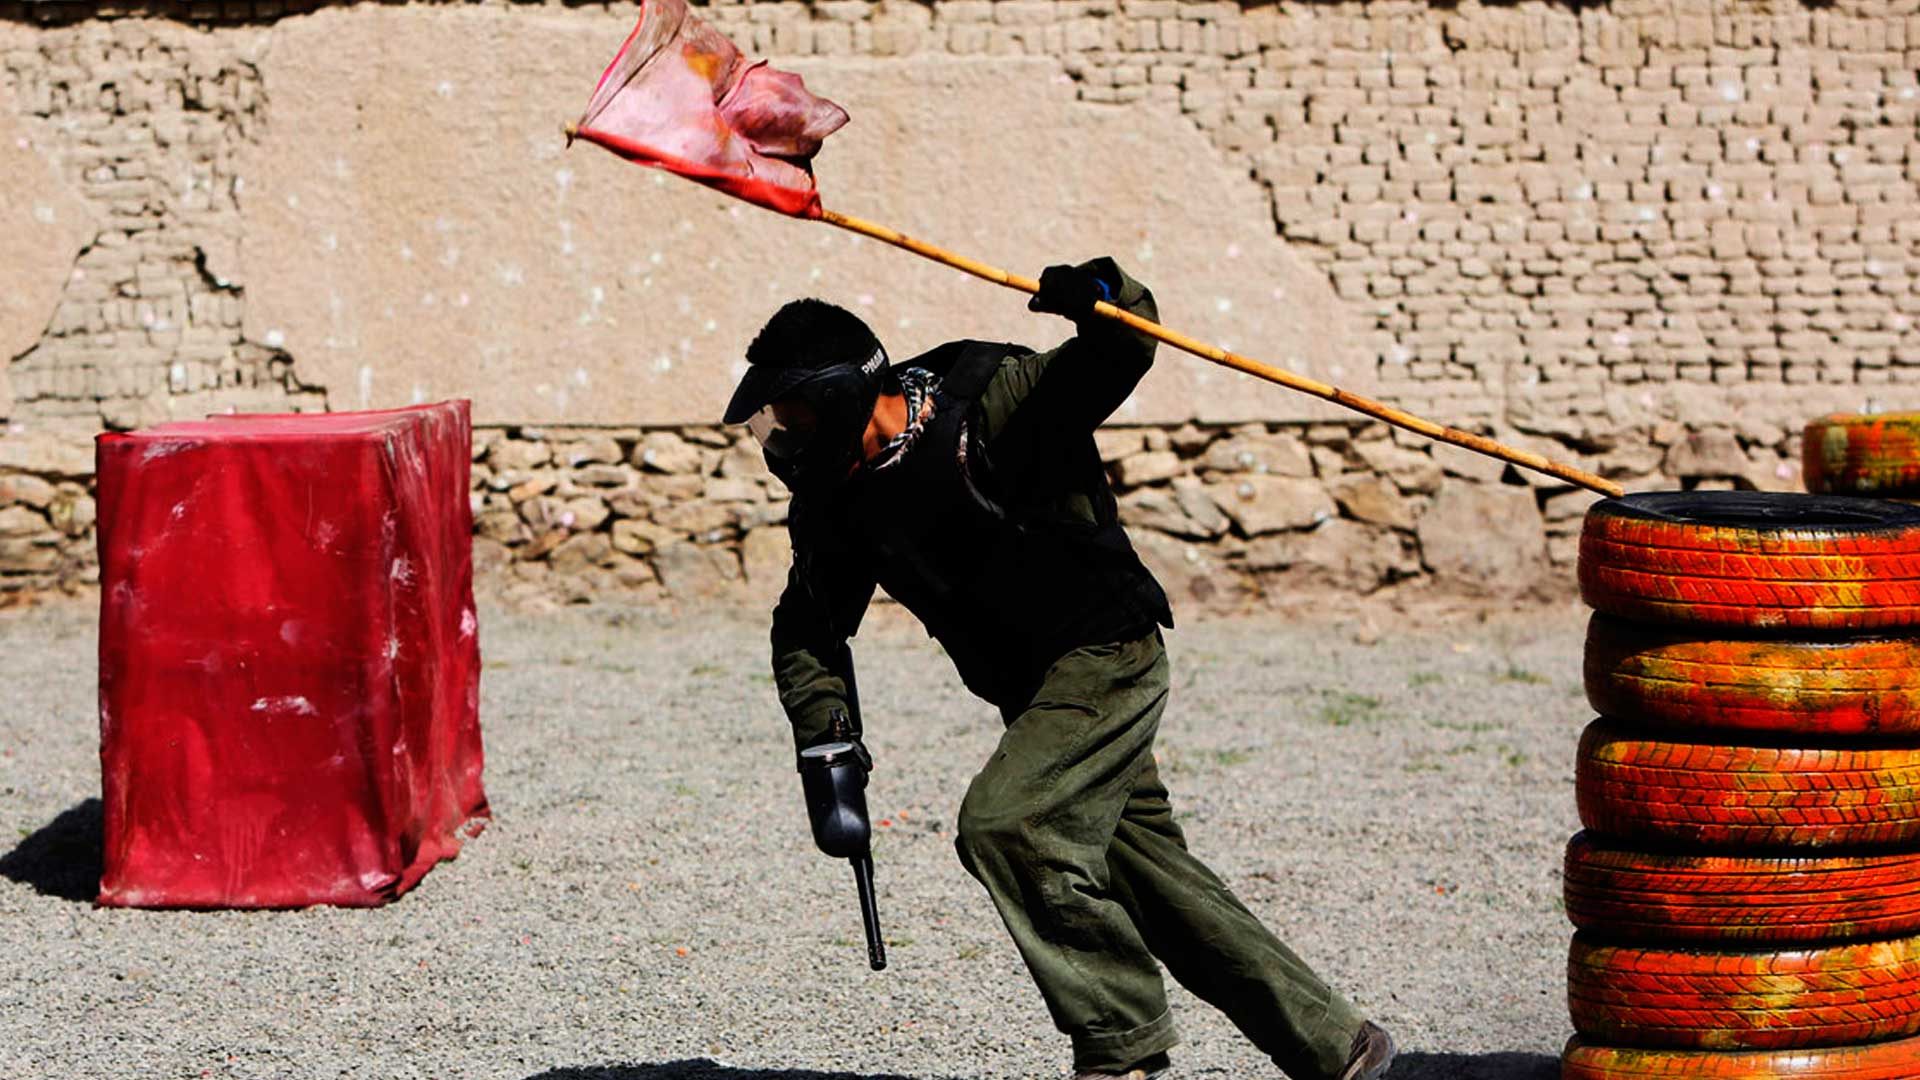 Jogador de paintball correndo com a arma de paintball em uma mão e na outra a bandeira que capturou.